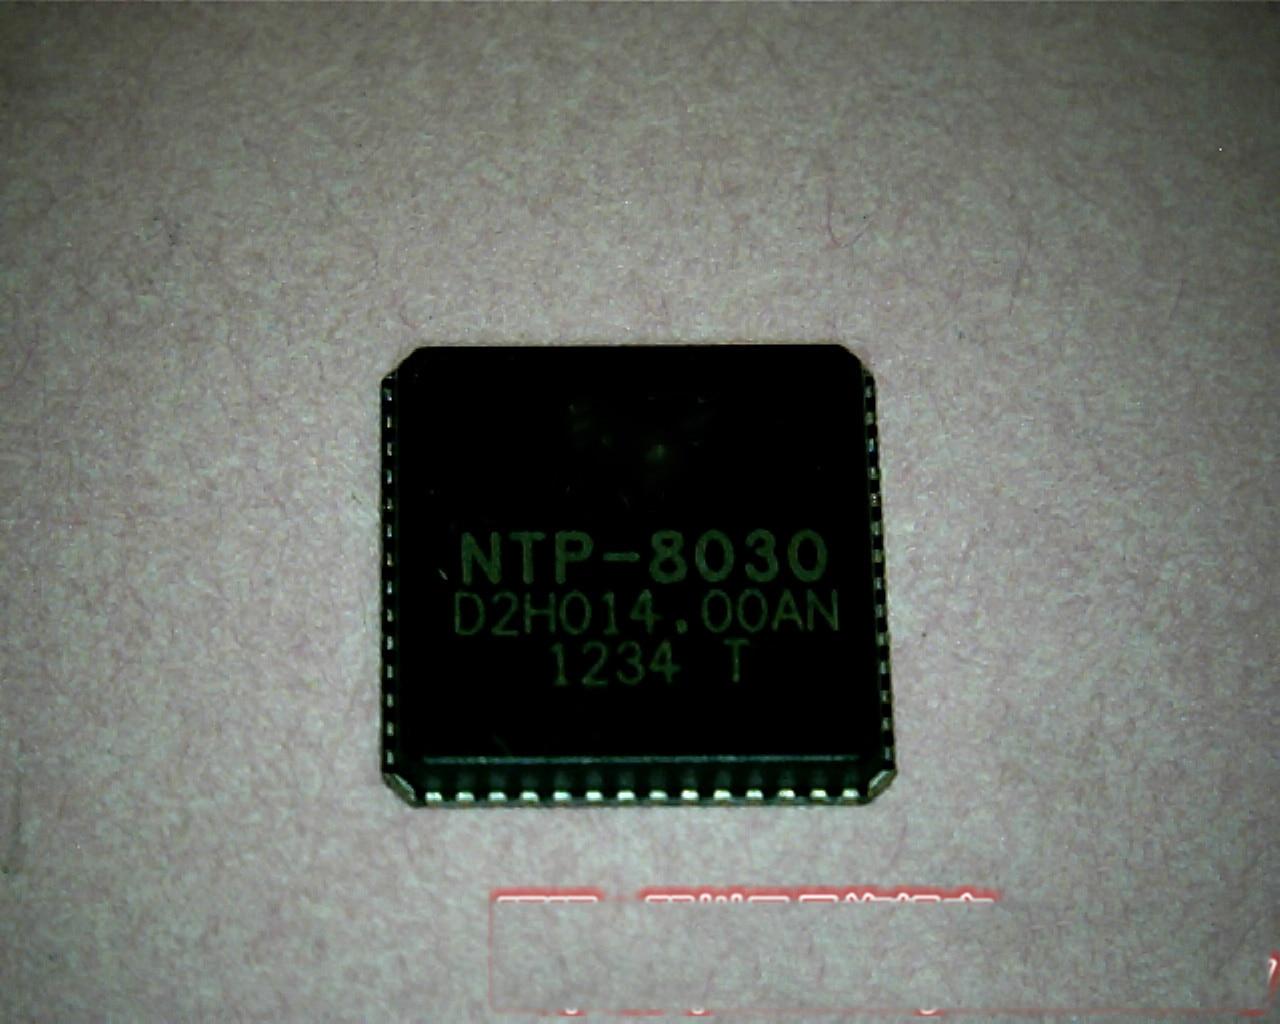 Livraison gratuite 2 pcs/lot NTP-8030 Ordinateur puce new original